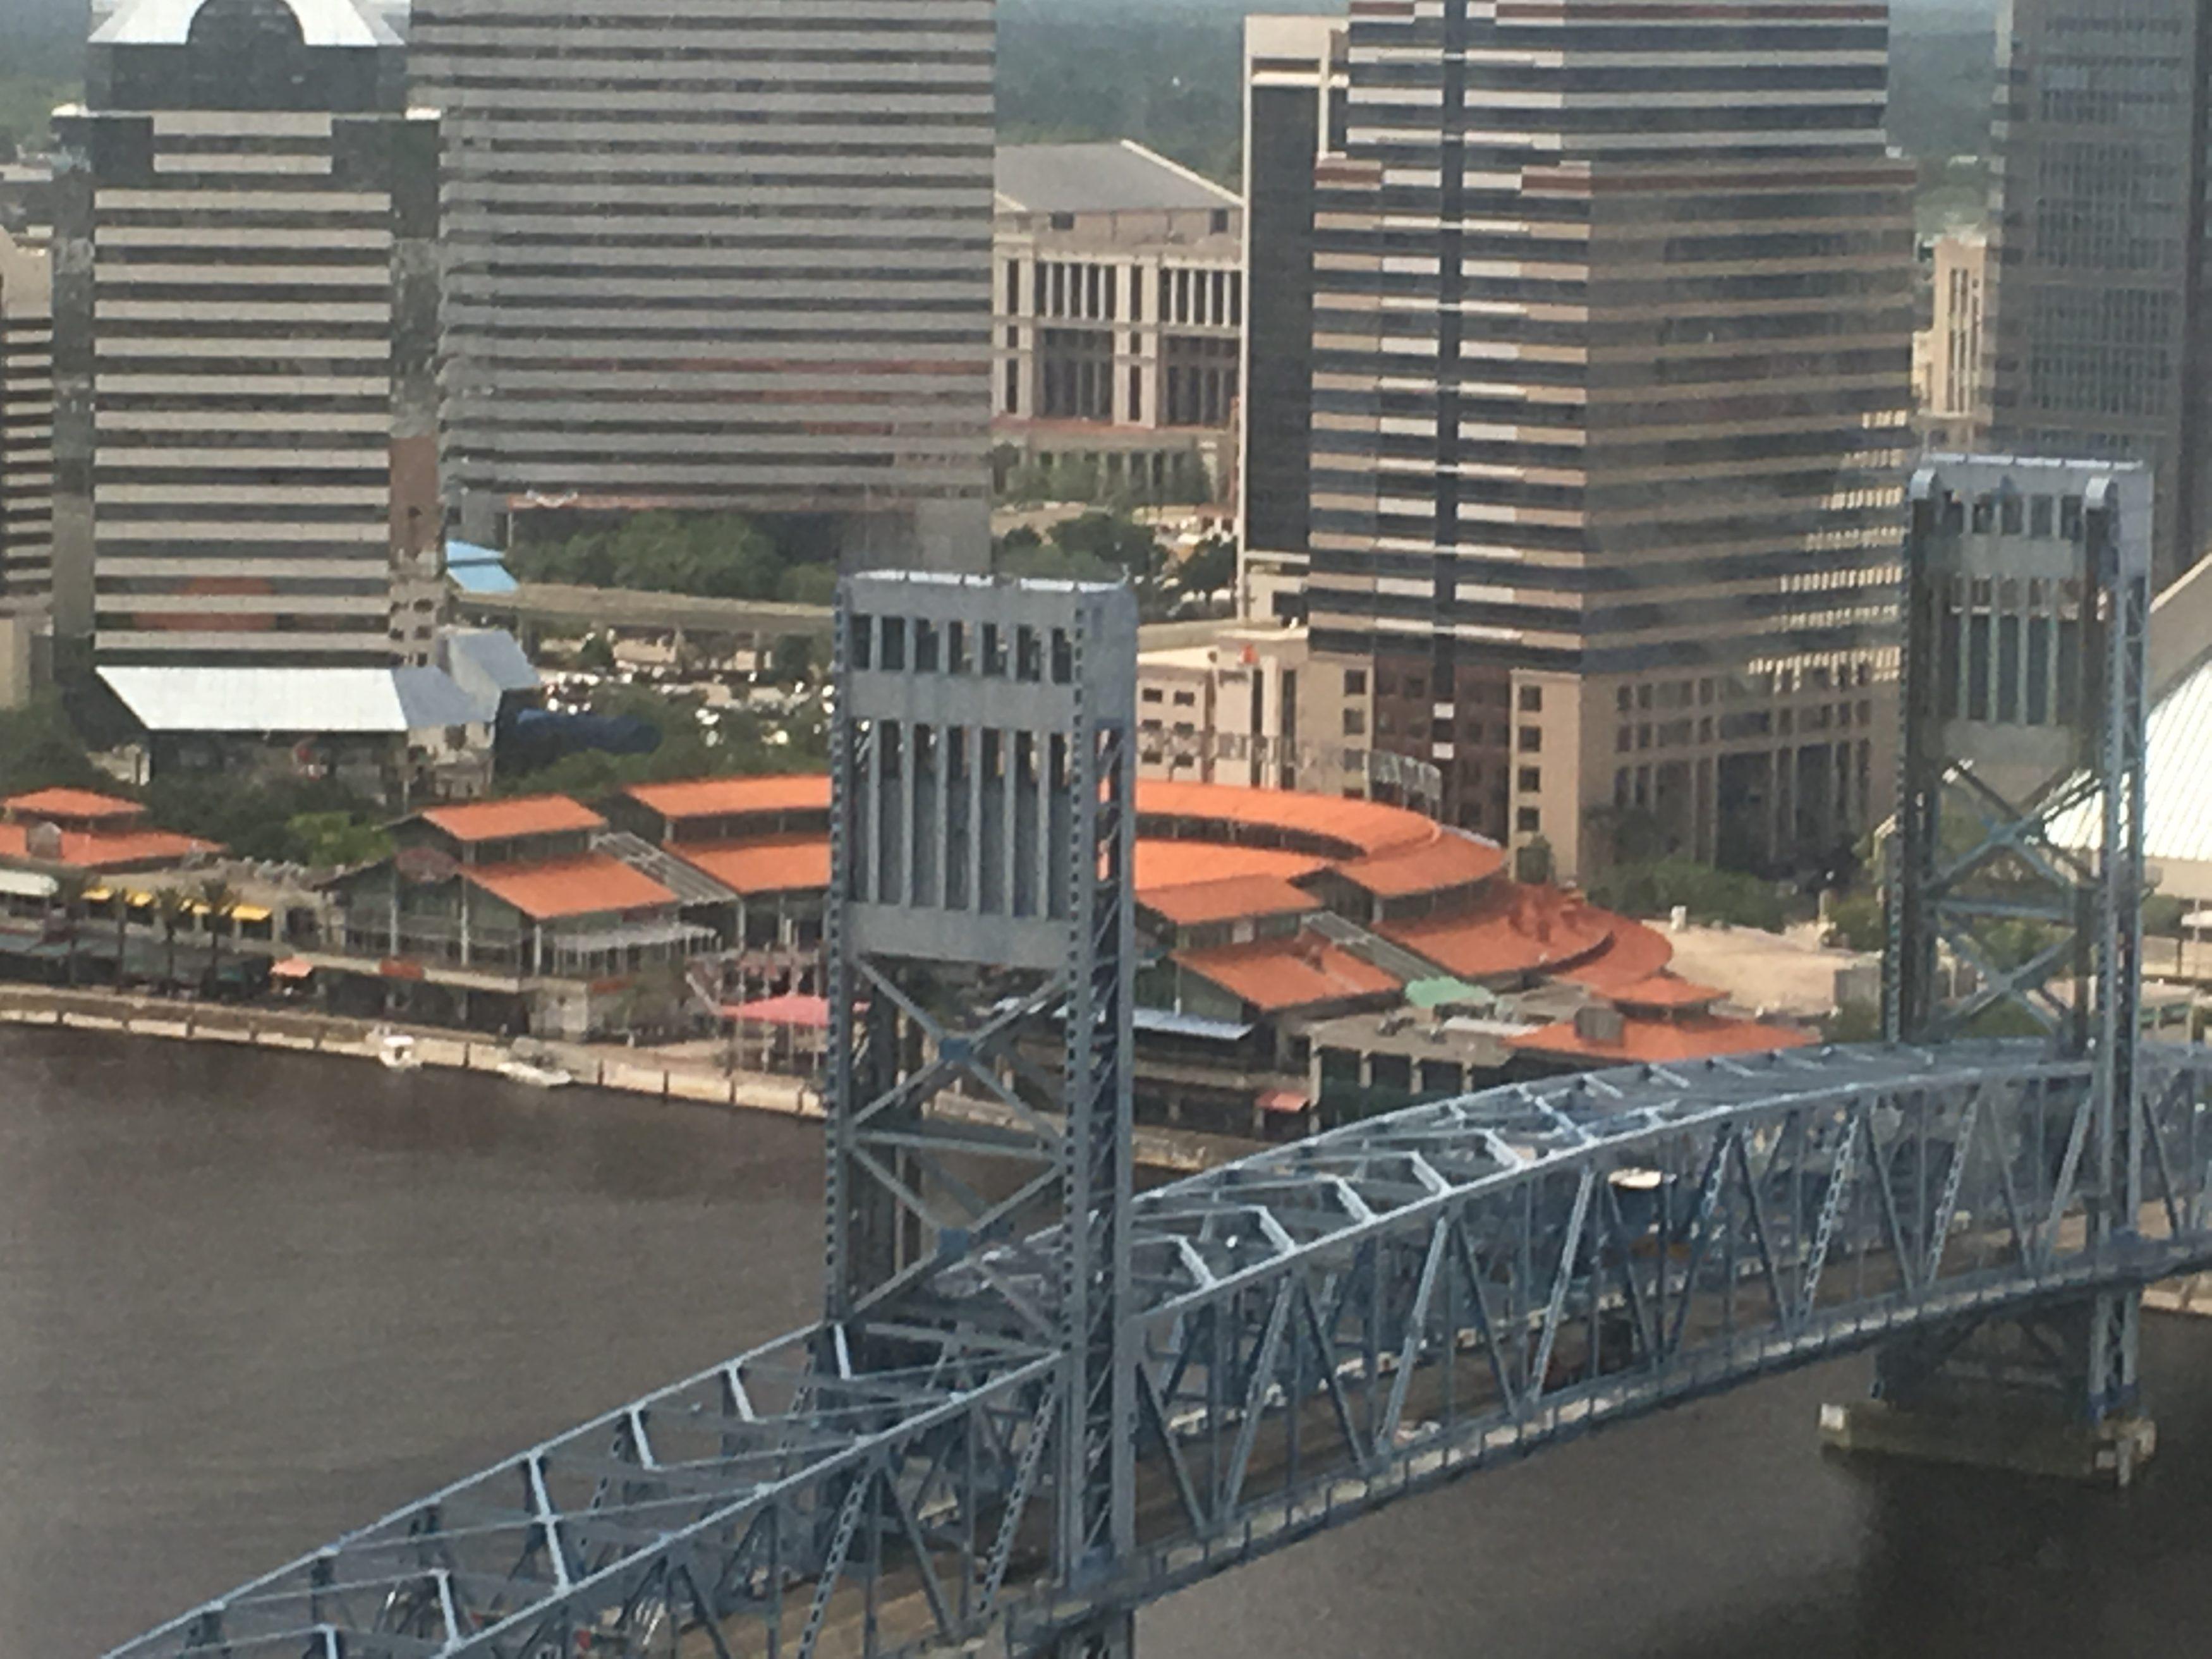 Jacksonville-Main-St-Bridge-Landing-Courthouse-3500x2625.jpg